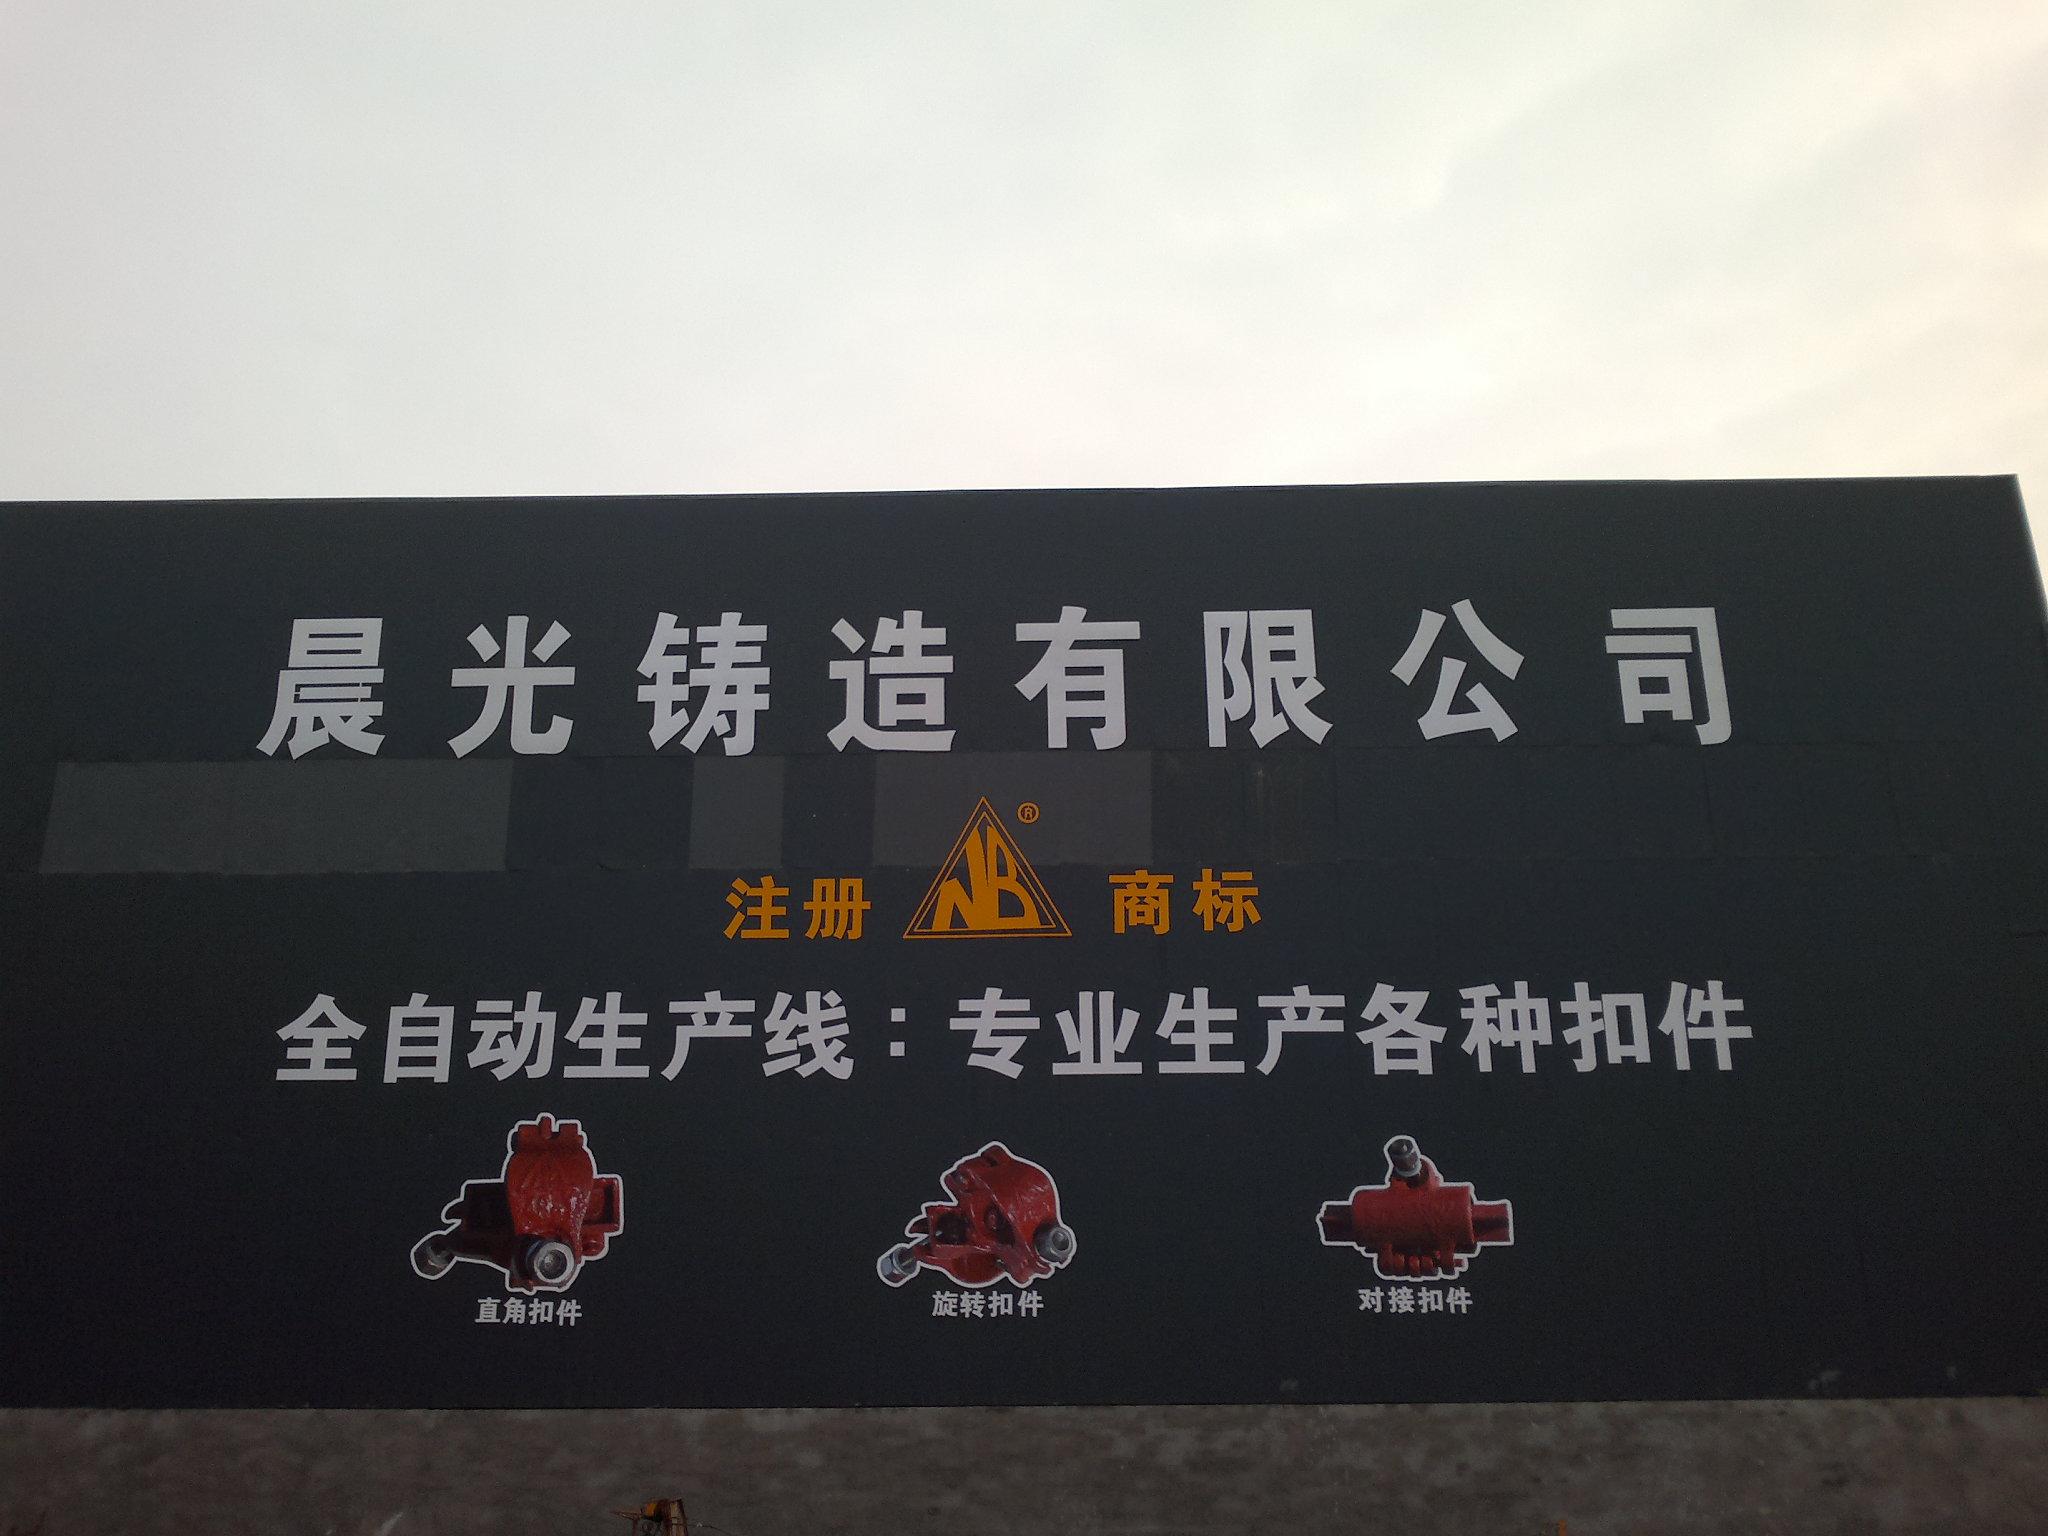 孟村回族自治縣晨光鑄造有限公?? /></a><br/>[ <a id=